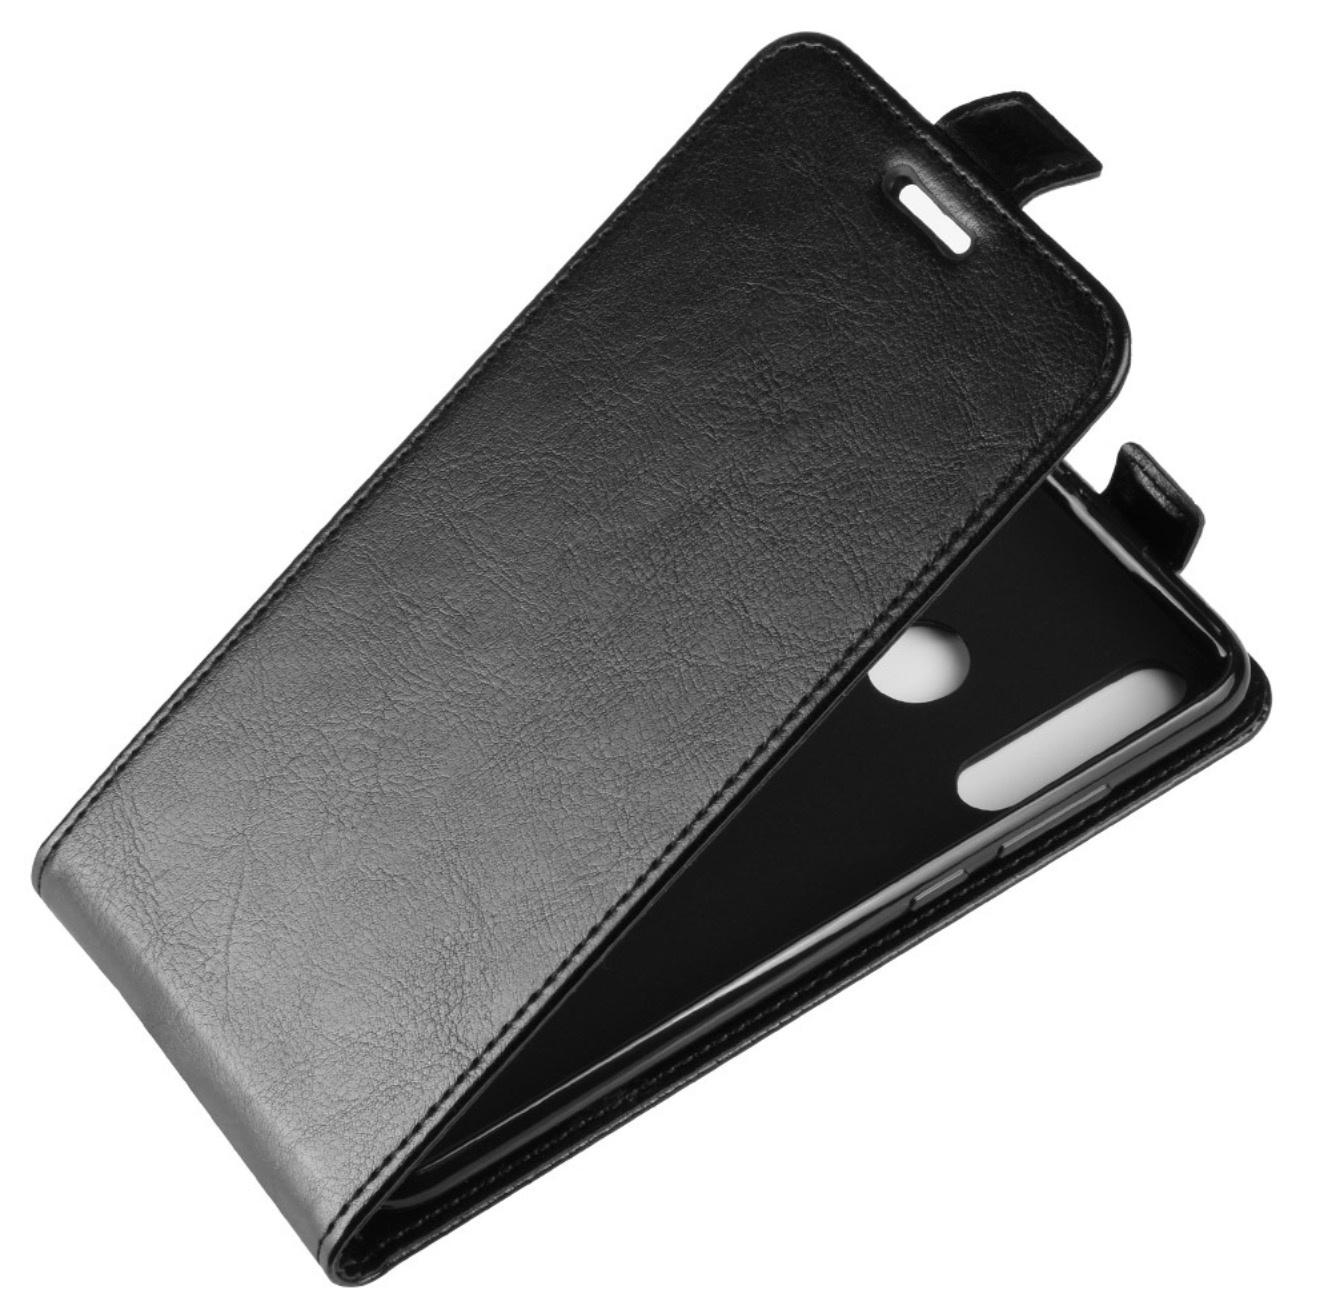 Чехол-флип MyPads для Huawei Honor 4c вертикальный откидной черный blue stripes дизайн pu кожа флип обложка кошелек для карты памяти чехол для huawei honor 4c